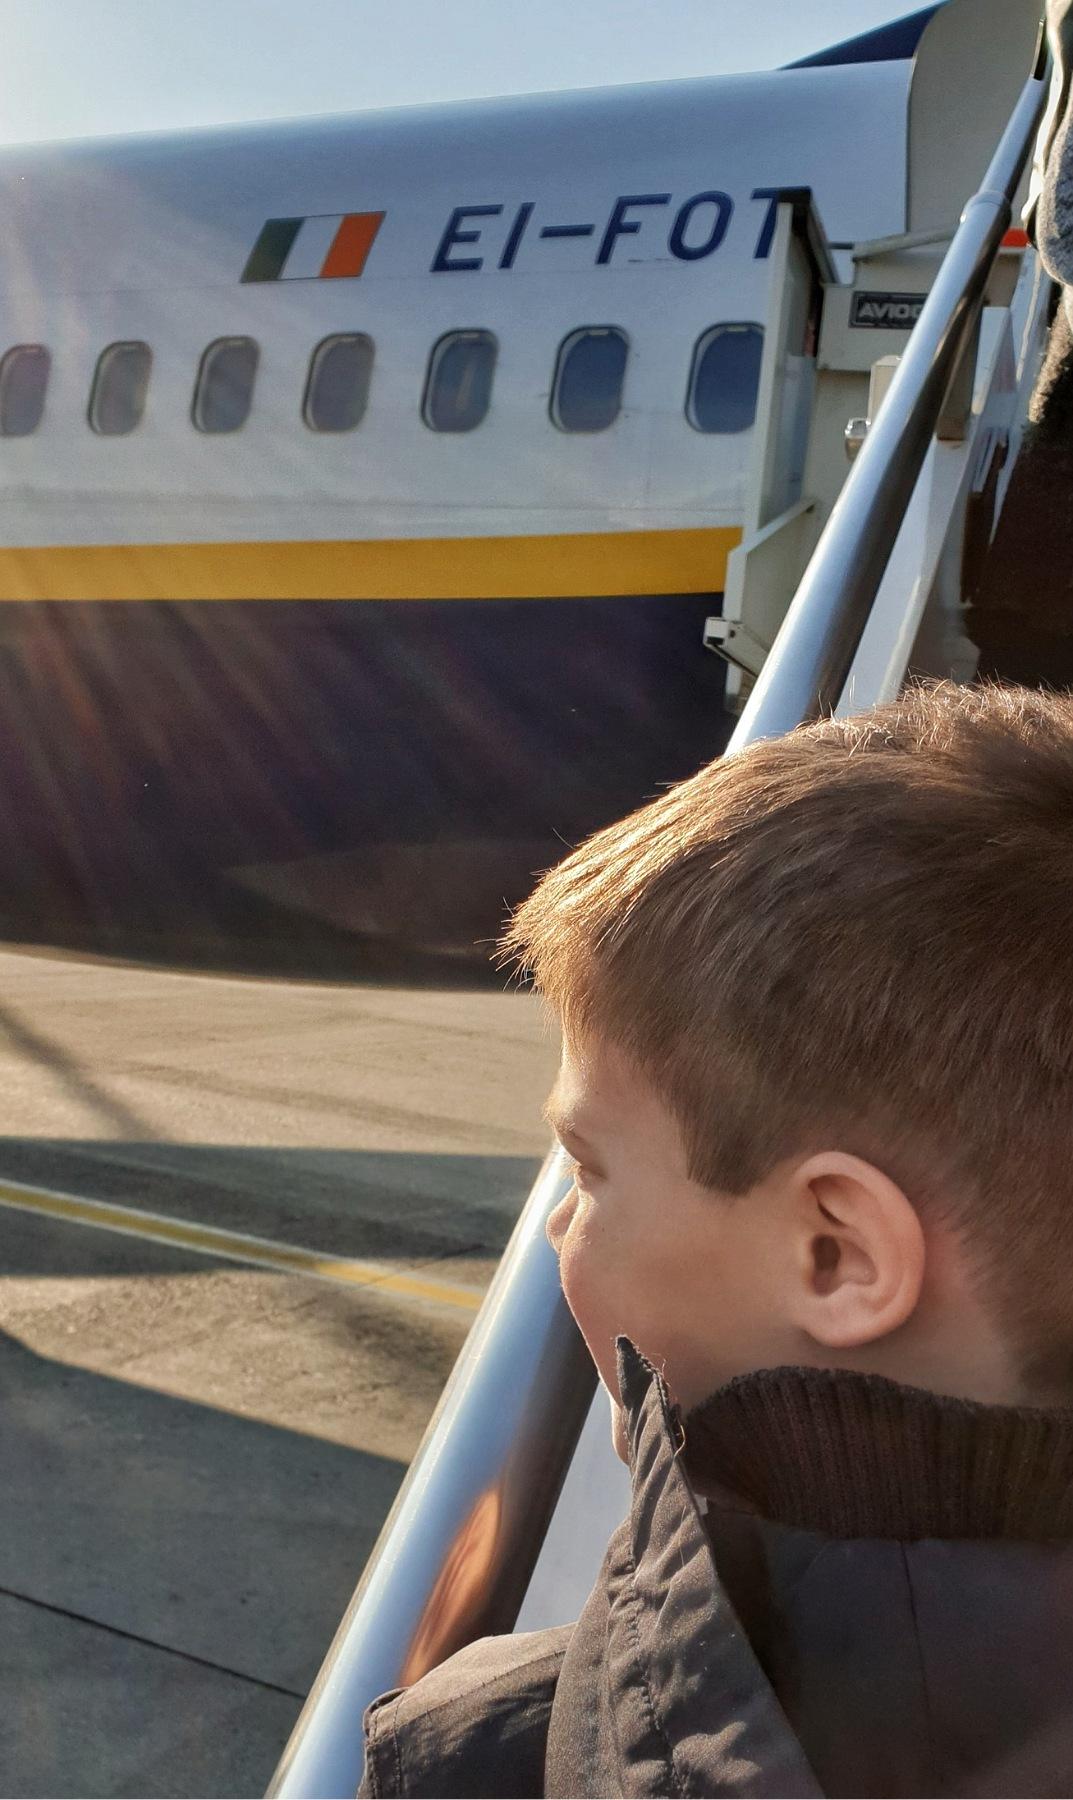 misure di sicurezza per chi viaggia con Ryanair